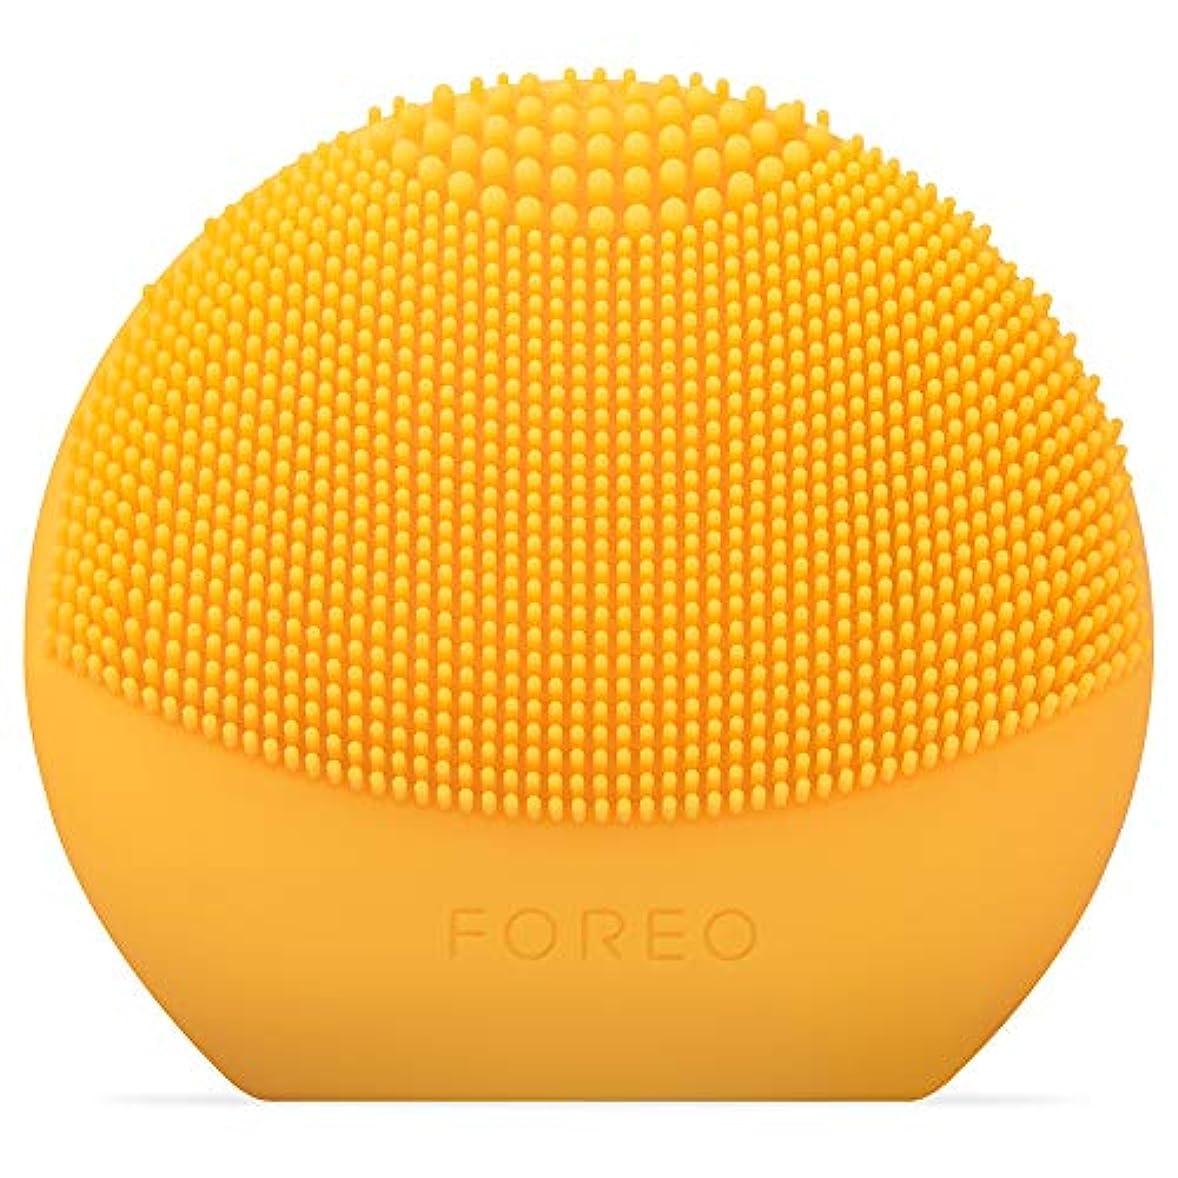 人事アイスクリーム未満FOREO LUNA fofo サンフラワーイエロー スマートクレンジングデバイス 電動洗顔ブラシ シリコーン製